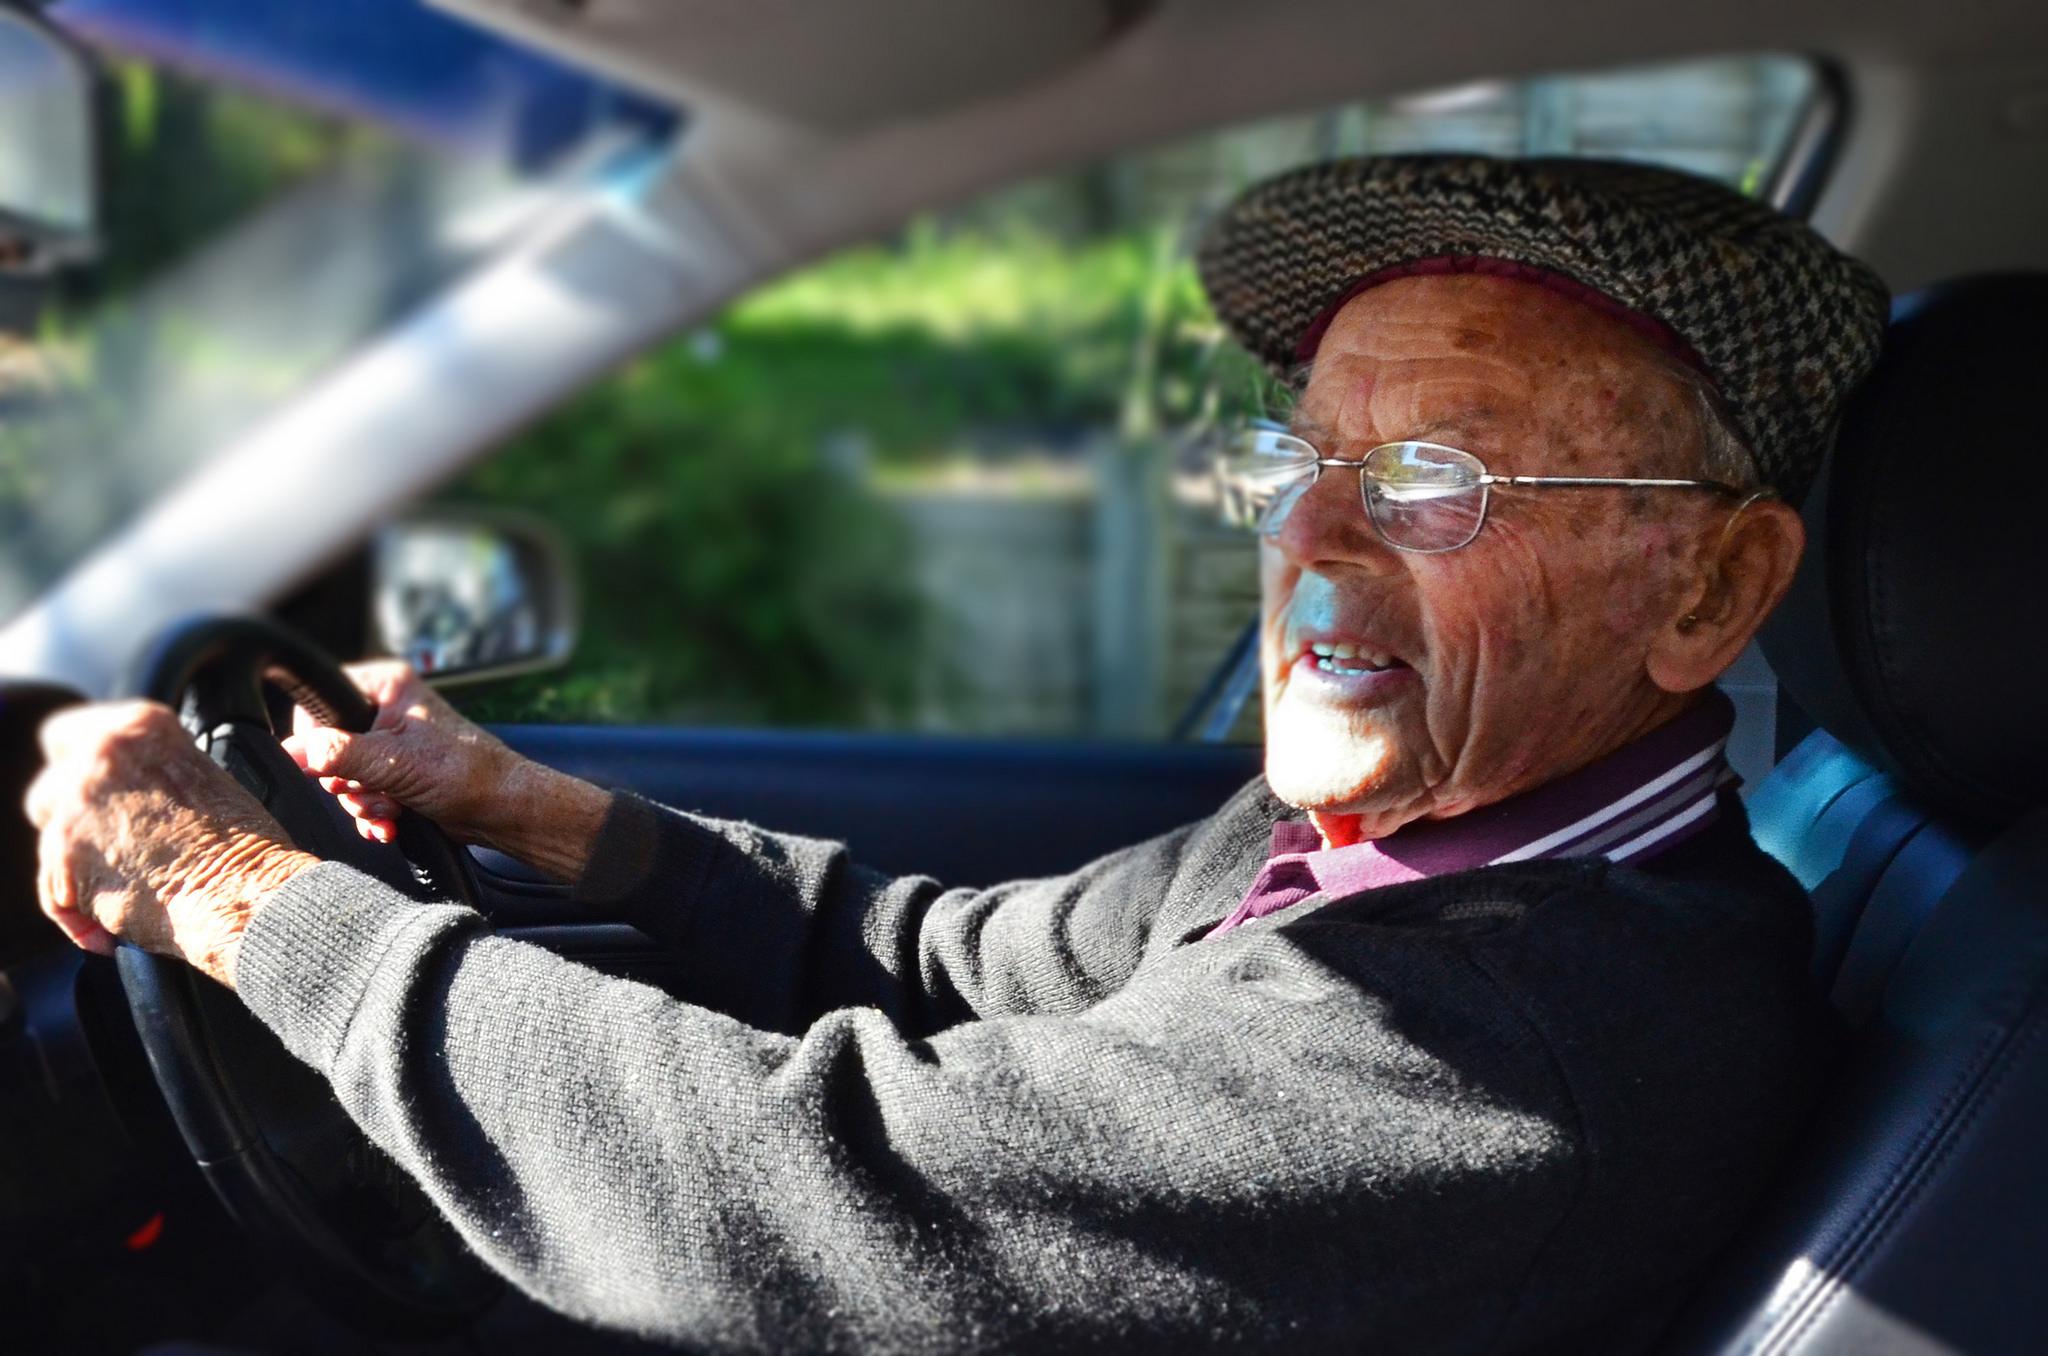 ancianos edad conductores responsables